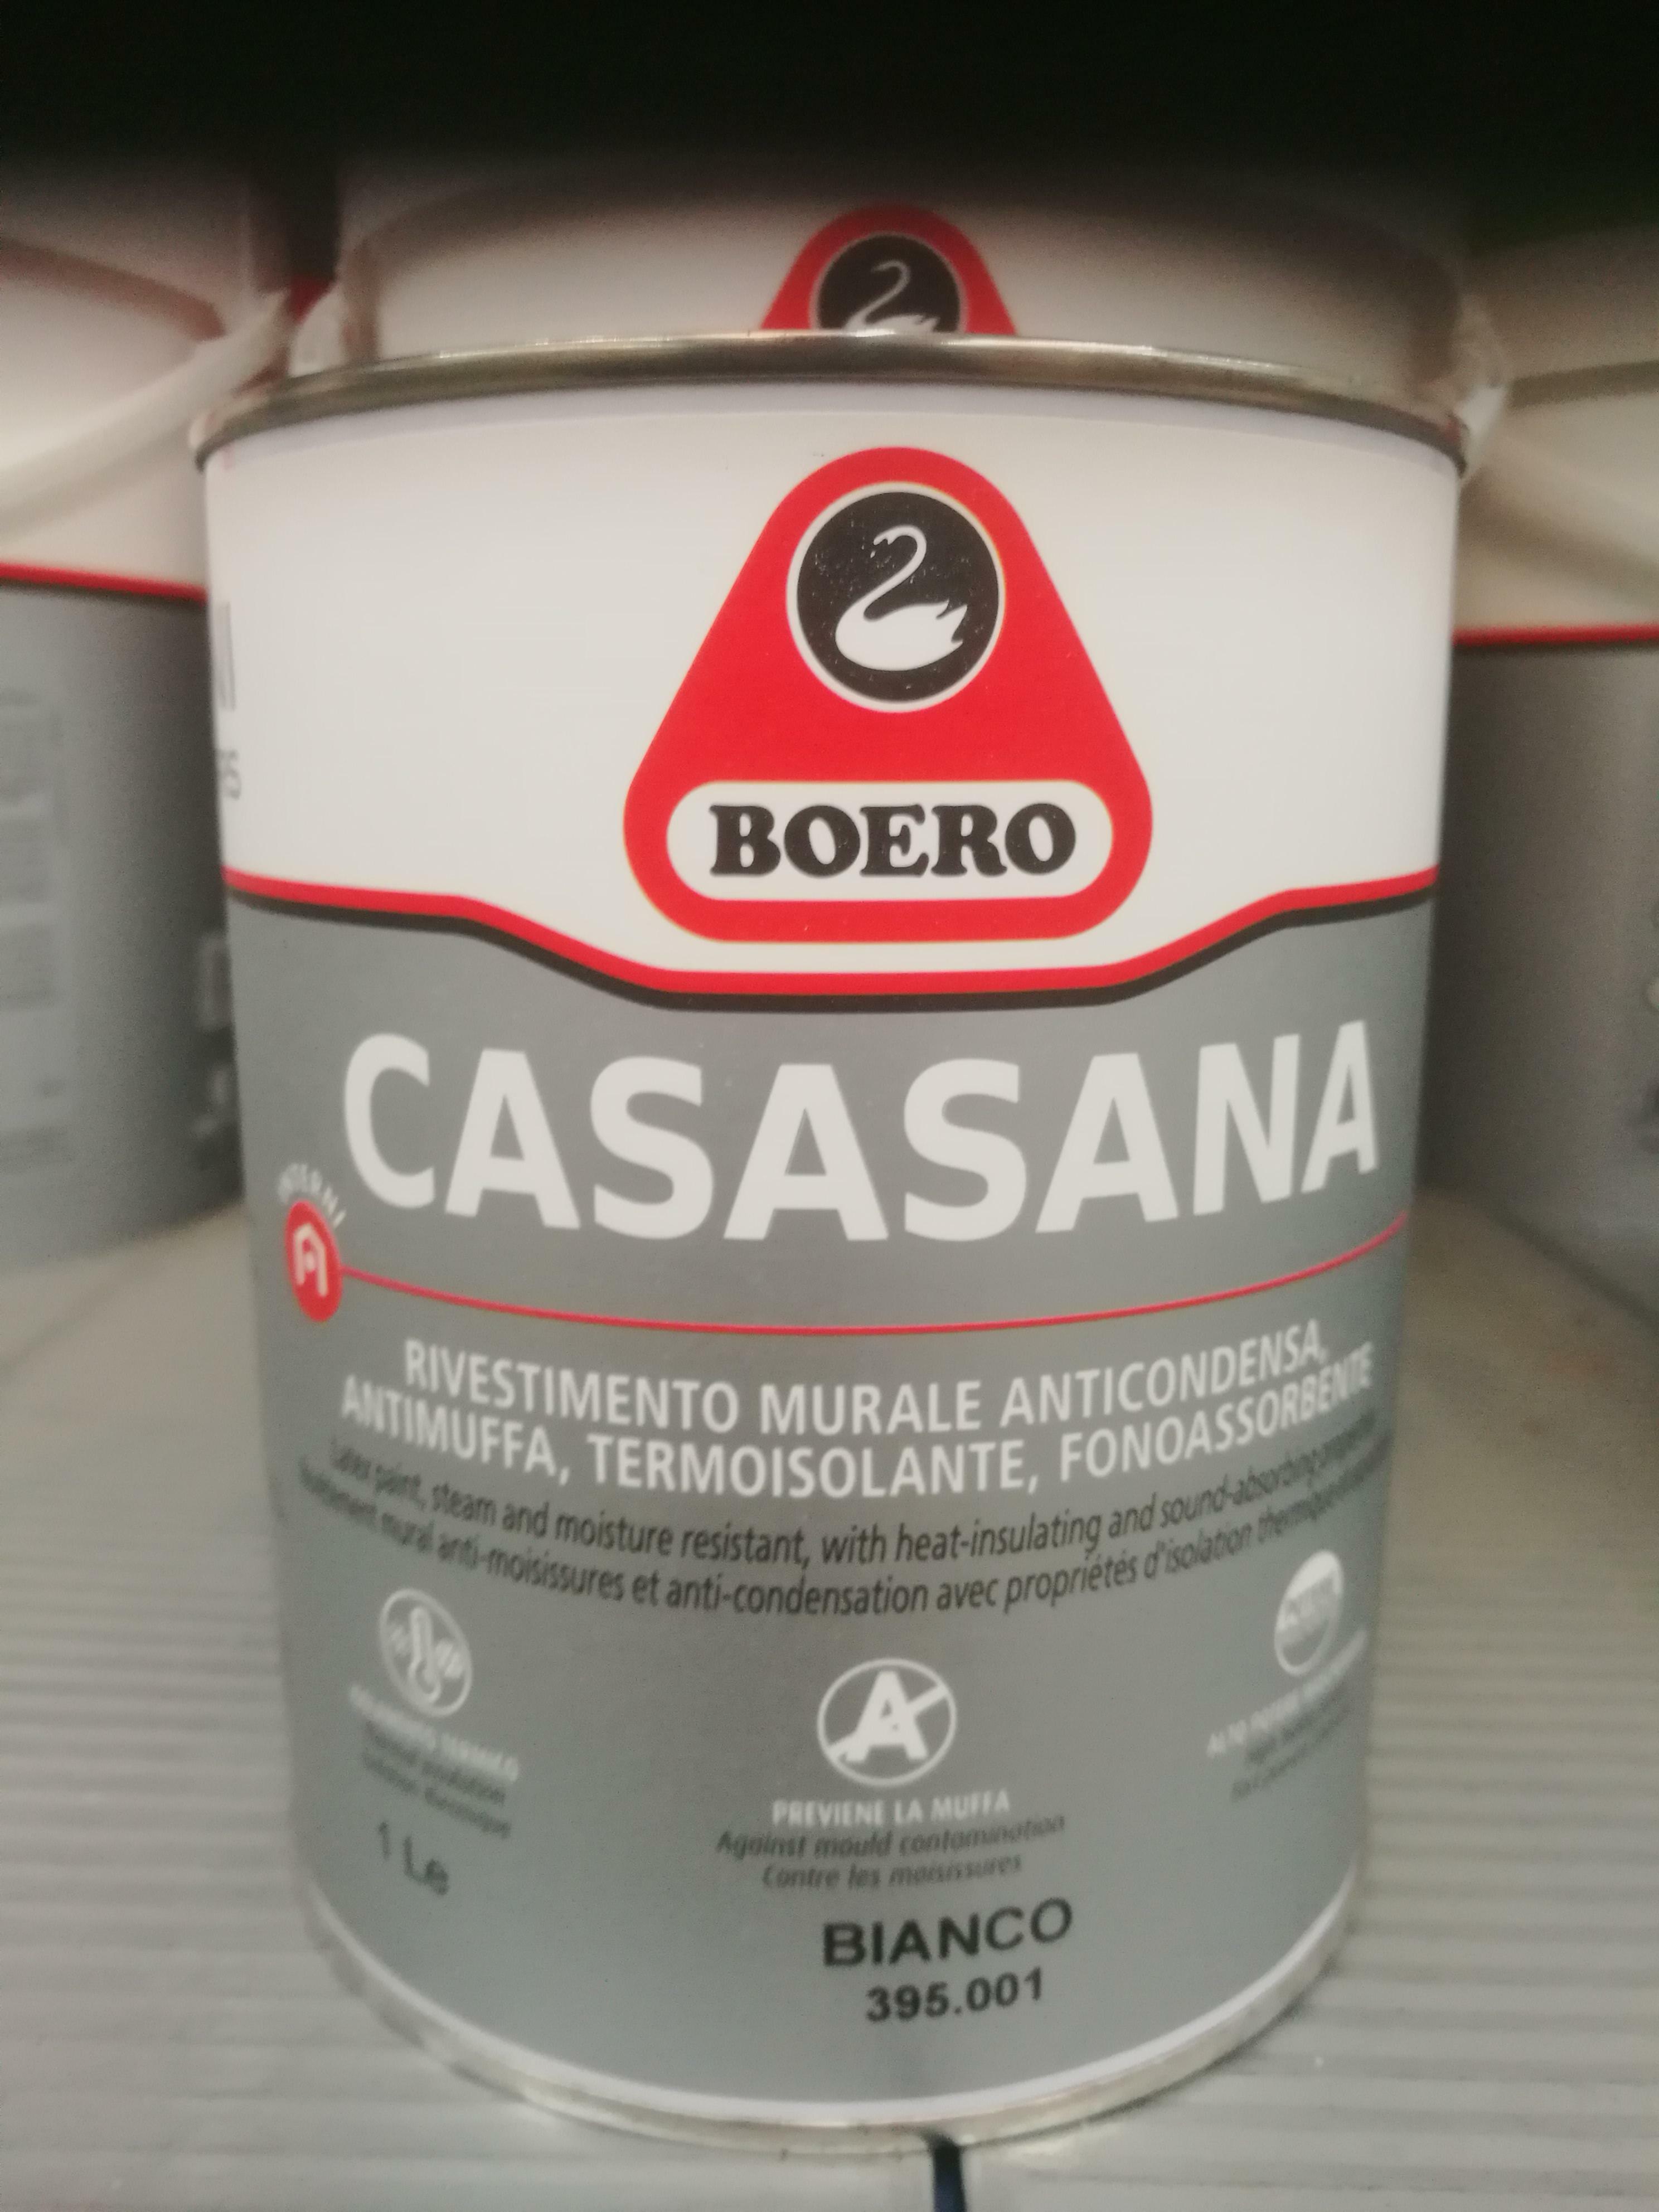 boero boero casasana anticondensa 1 lt pittura anticondenza antimuffa  fonoassorbente